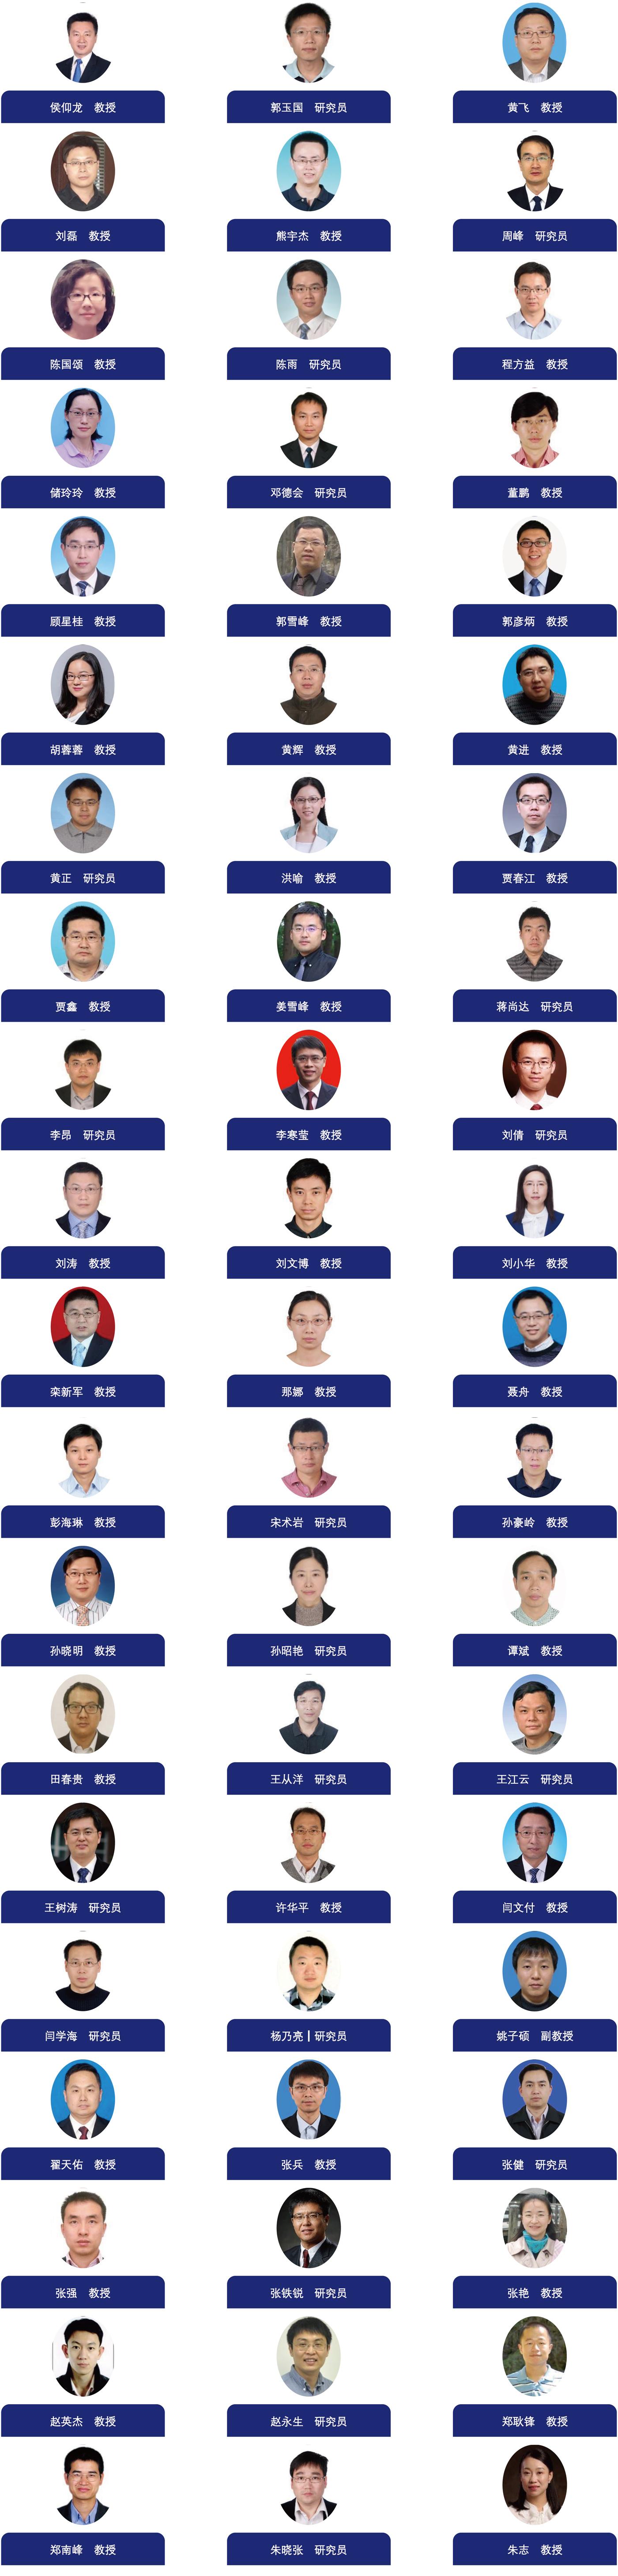 中国化学会青年化学工作者委员会成员